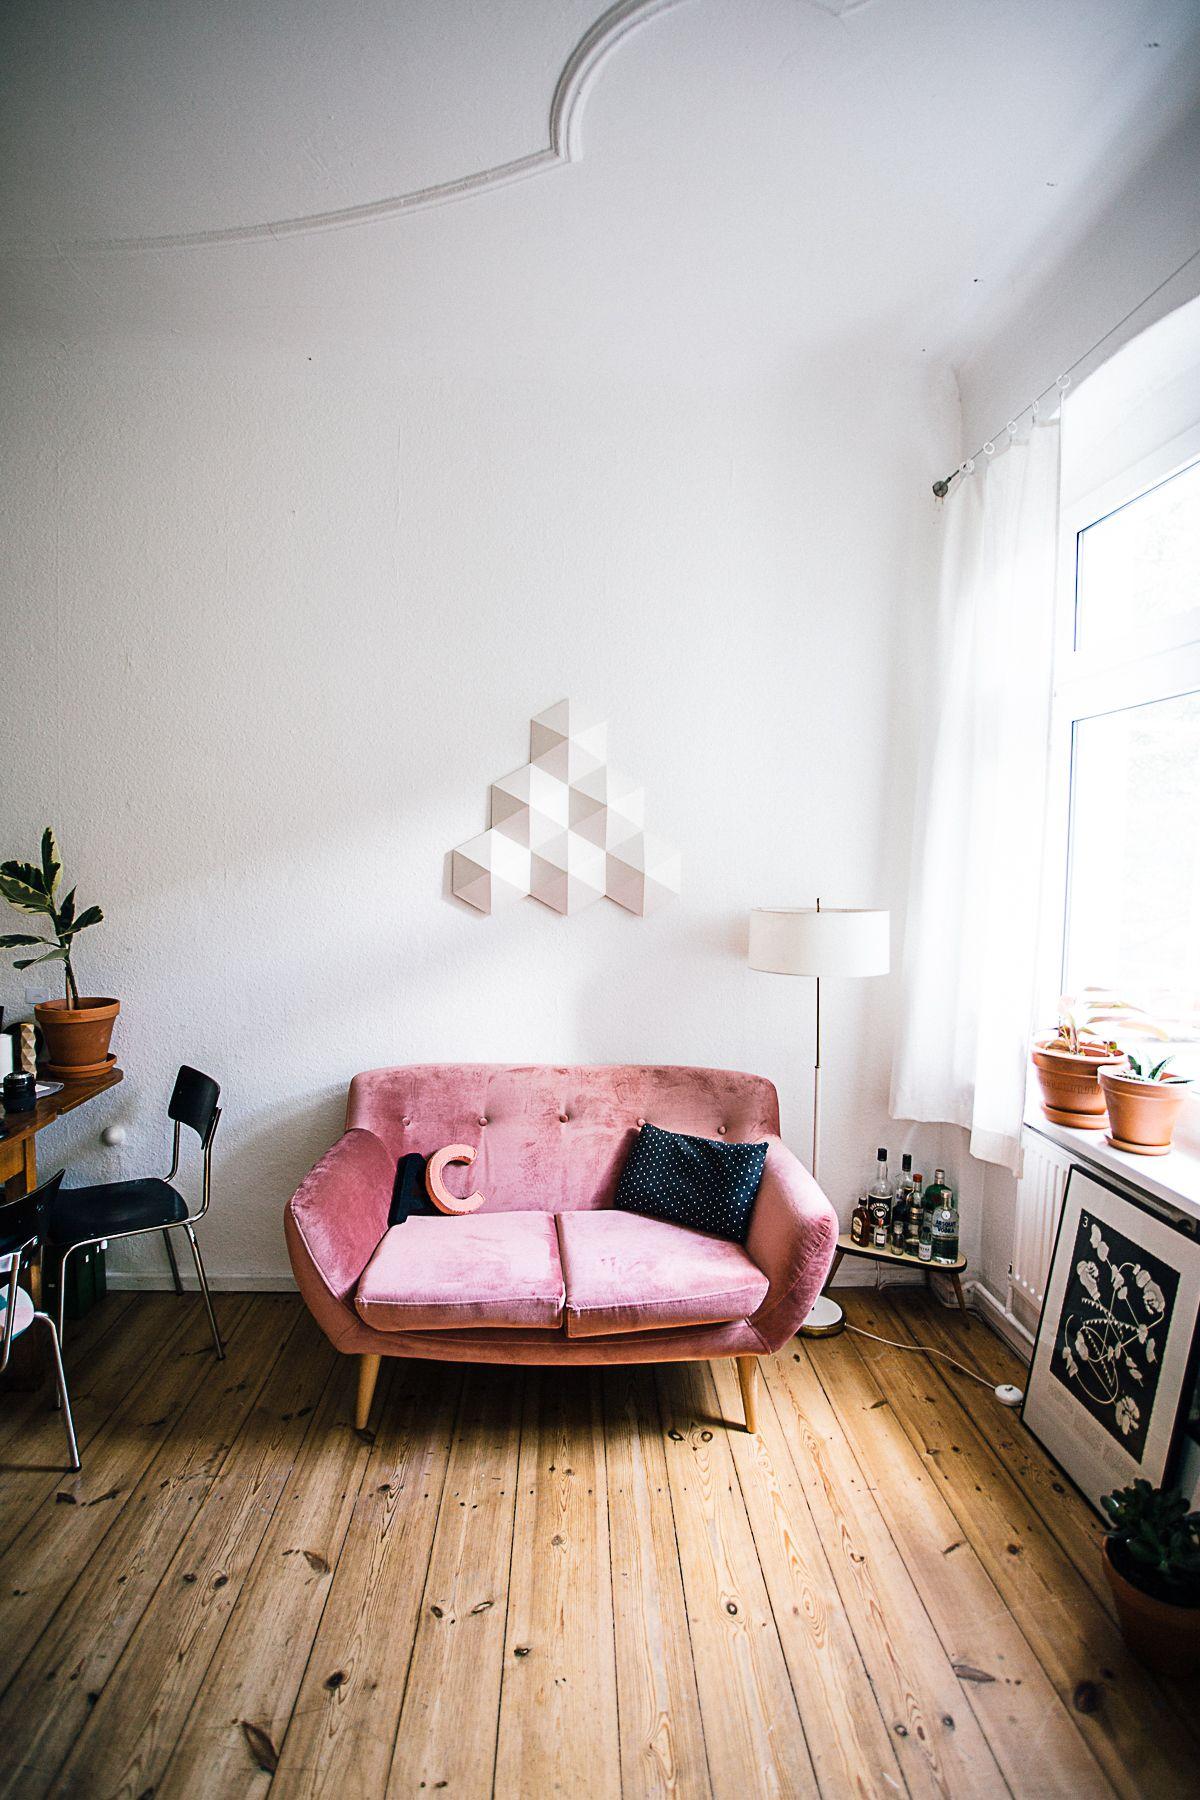 Das tolle Sofa ist ein richtiger kleiner Geheimtipp von Claudia Sie hat es von MöMax